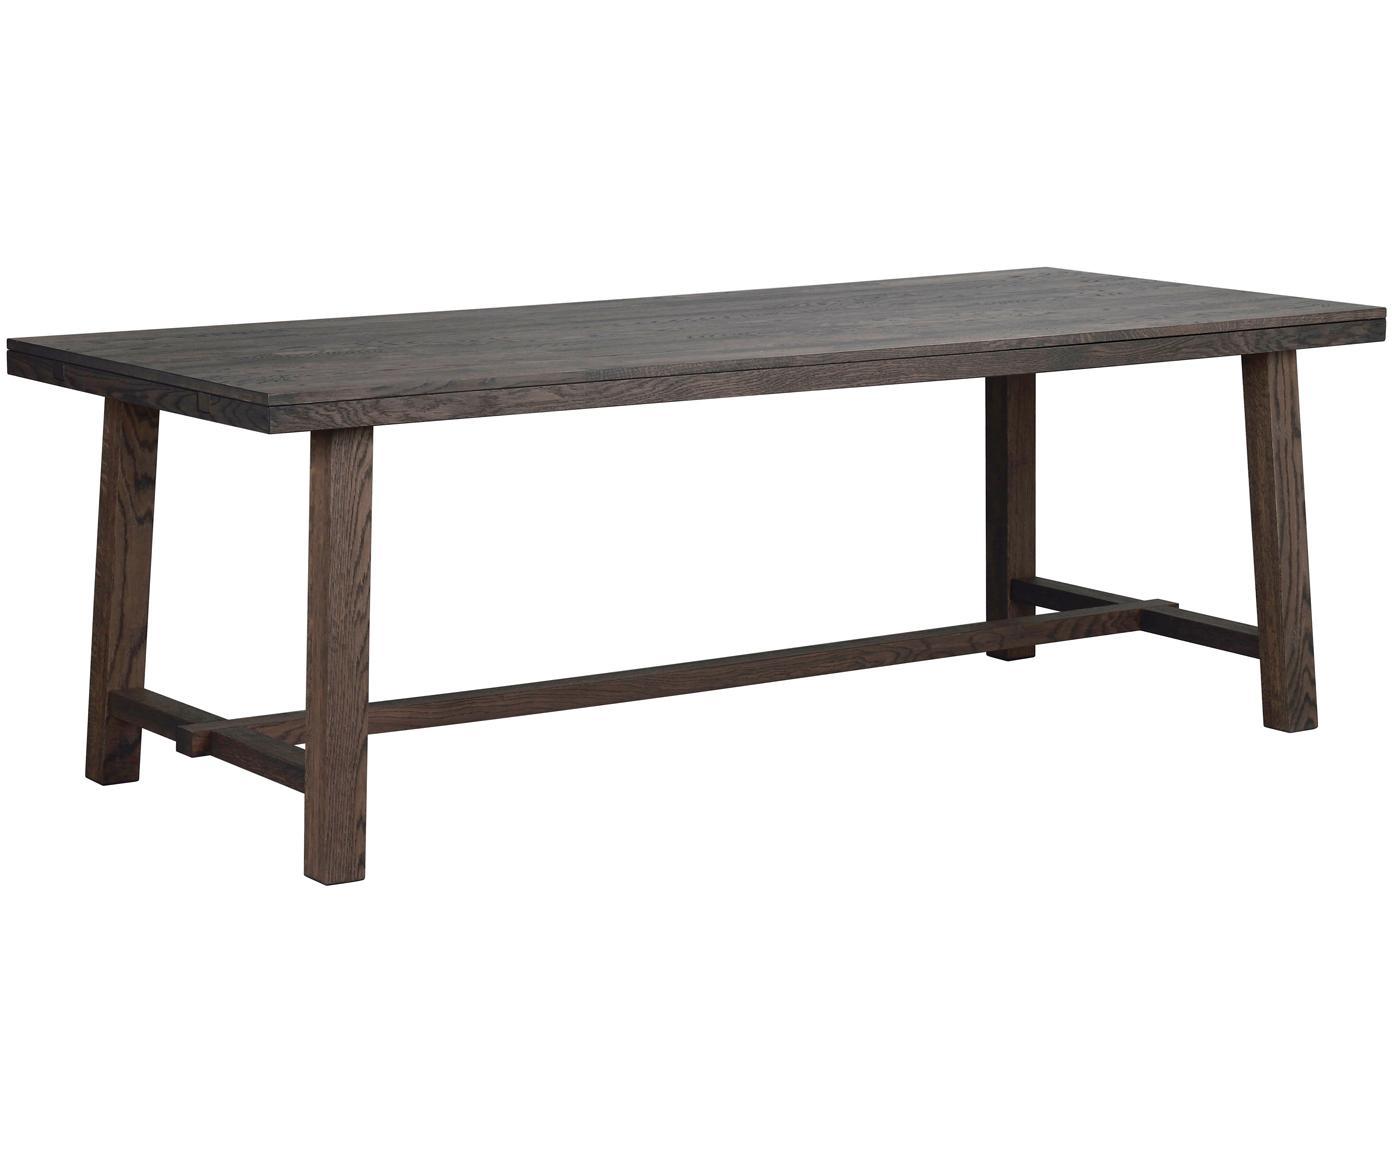 Tavolo in legno massello Brooklyn, Massiccio legno di quercia, verniciato e laccato trasparente, Legno di quercia, marrone scuro tinto, Larg. 220 x Prof. 95 cm